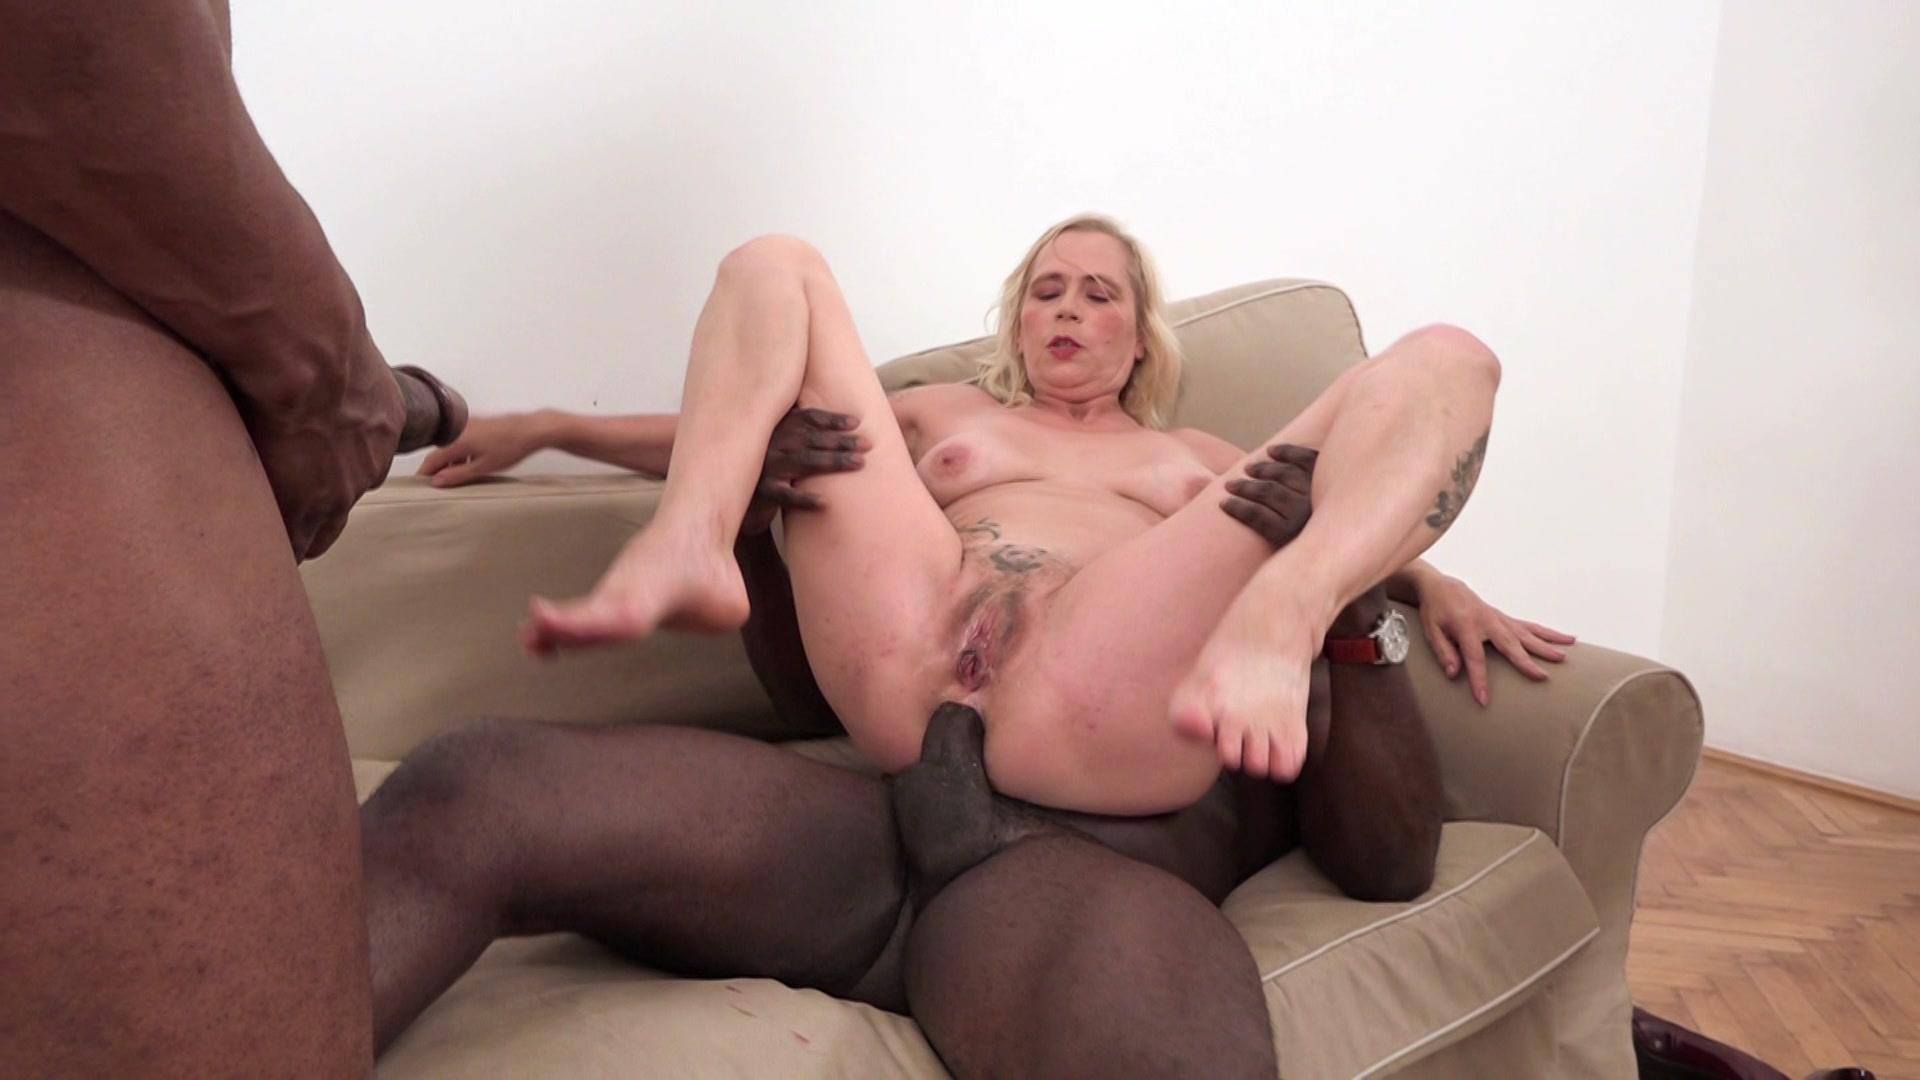 Mature granny w big tits fucks big black cock in interracial photo